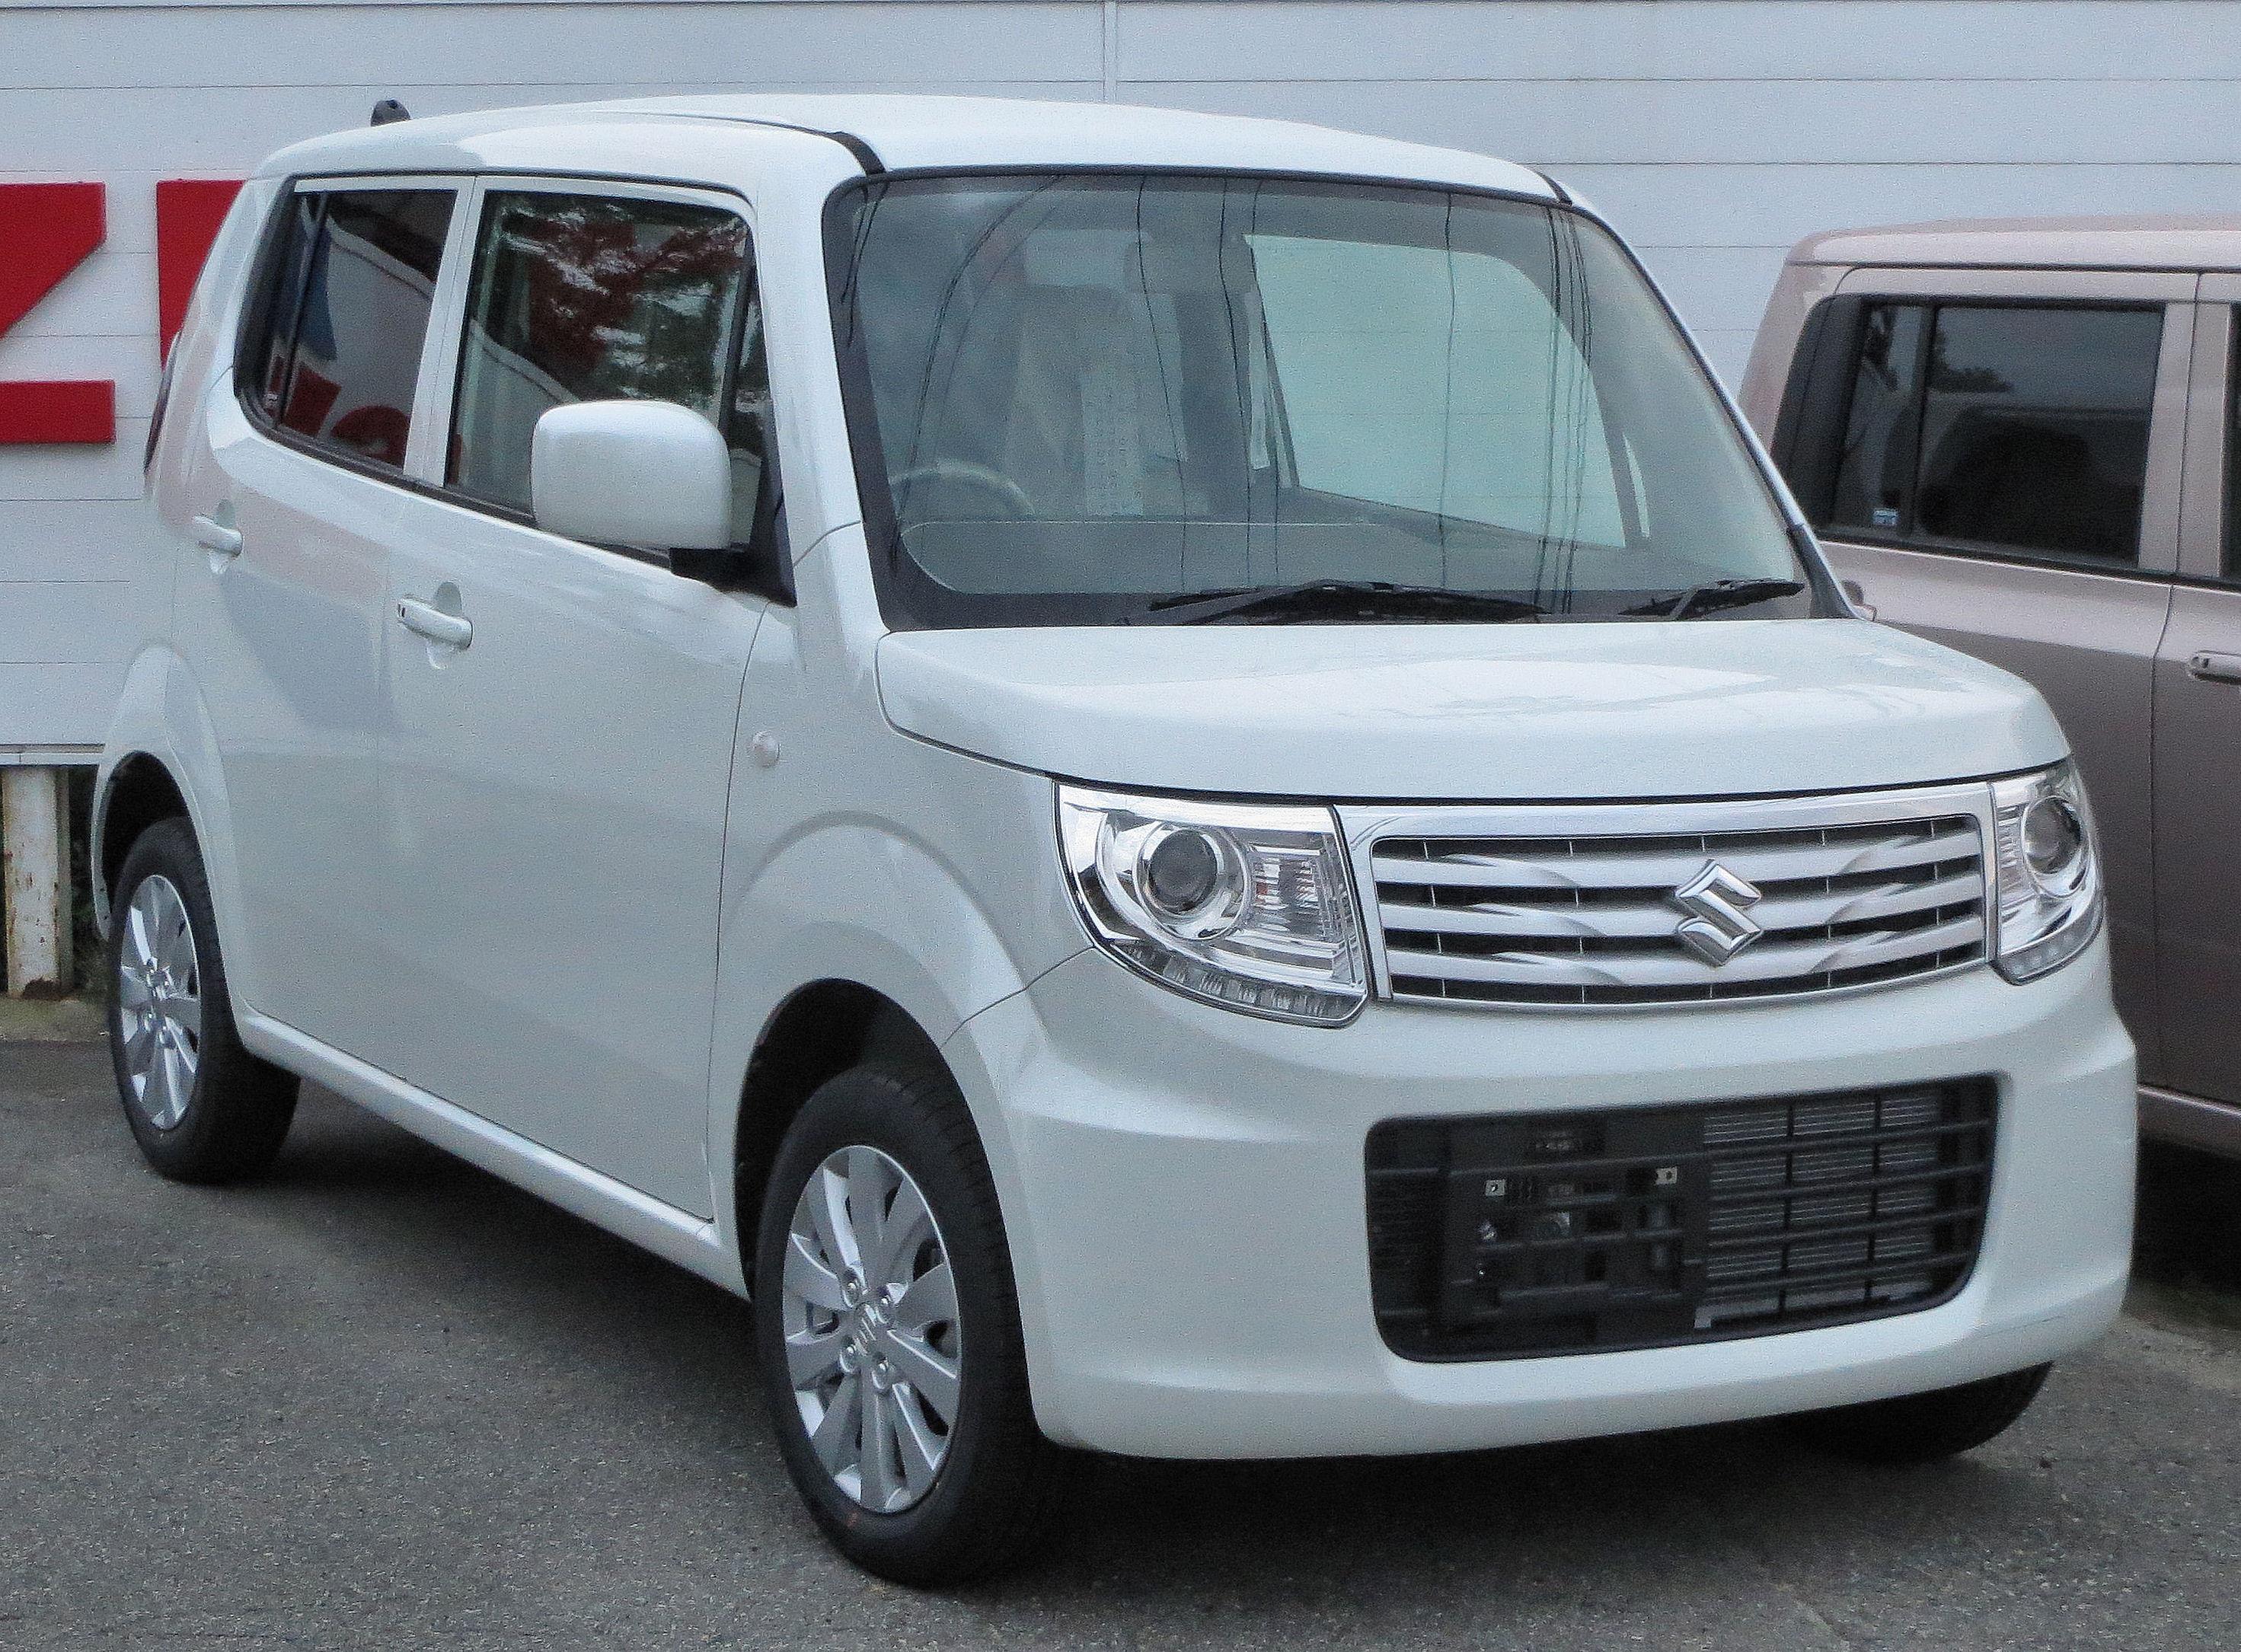 File Suzuki Mr Wagon Wit Ls Mf33s Z7t 02 Jpg Wikimedia